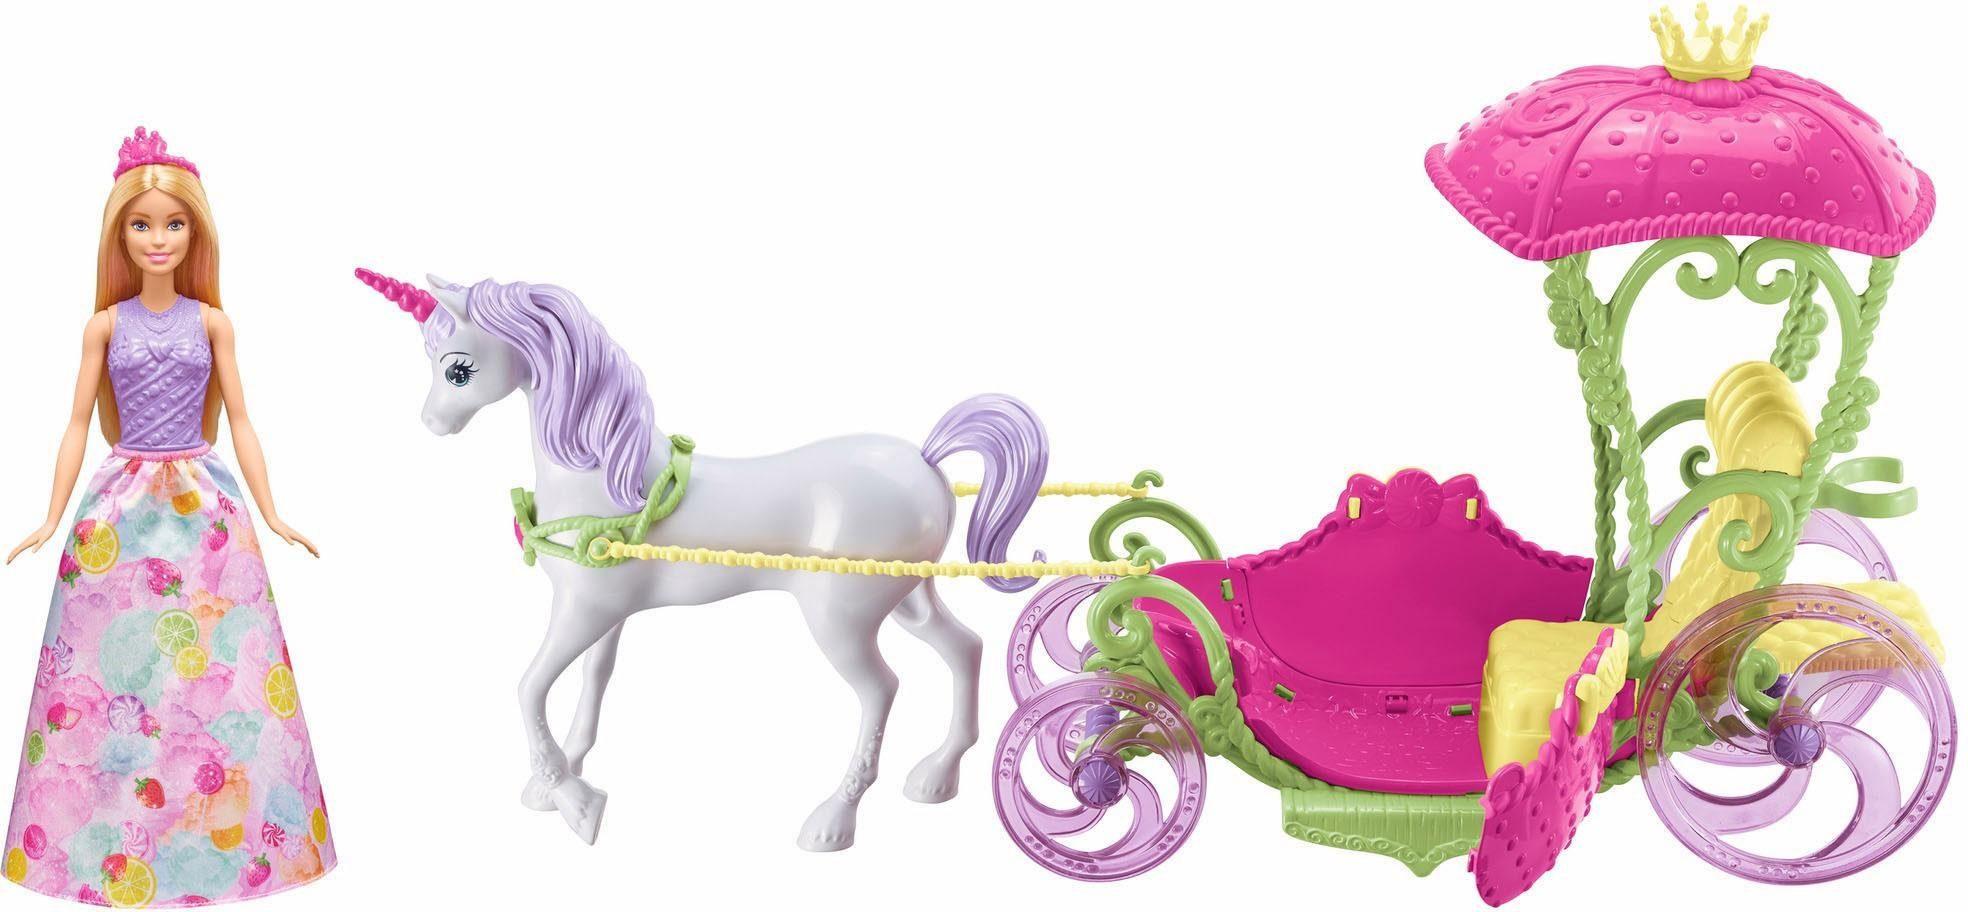 Mattel Puppen Kutsche, »Barbie Bonbon Prinzessin, Einhorn & Kutsche«